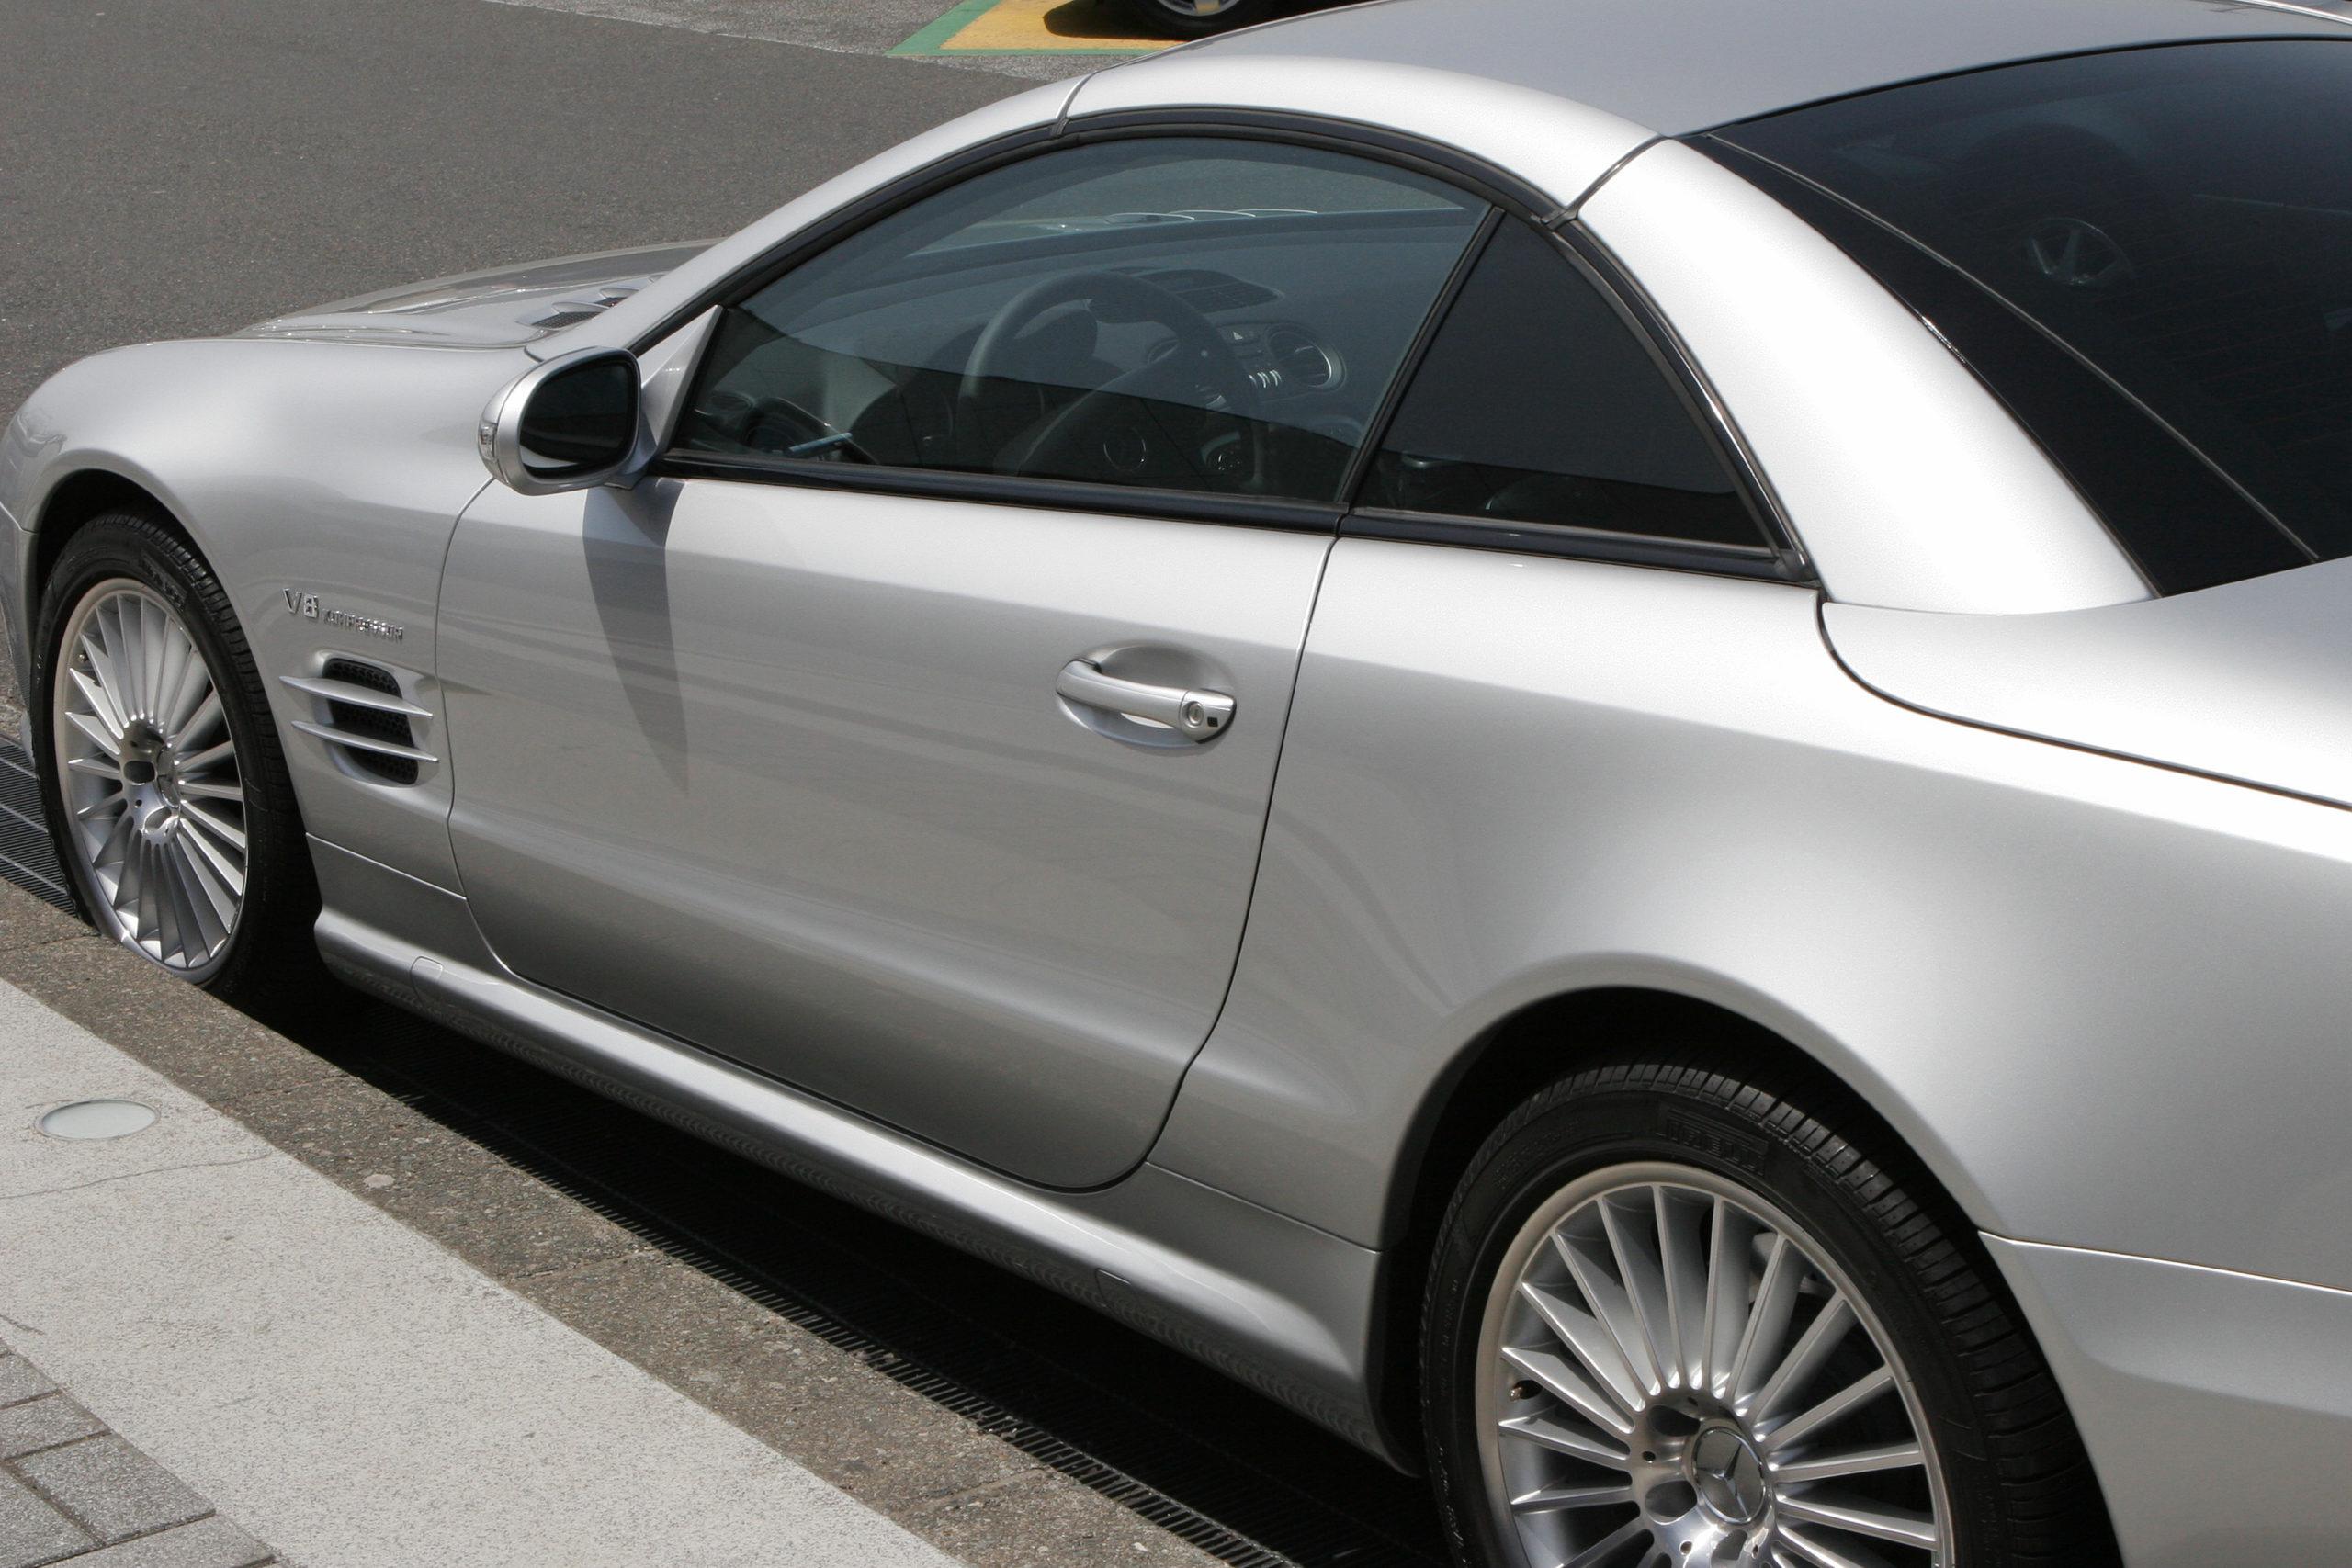 法人が駐車違反金の支払いをする場合には、消費税や法人税等の取り扱いに注意が必要です